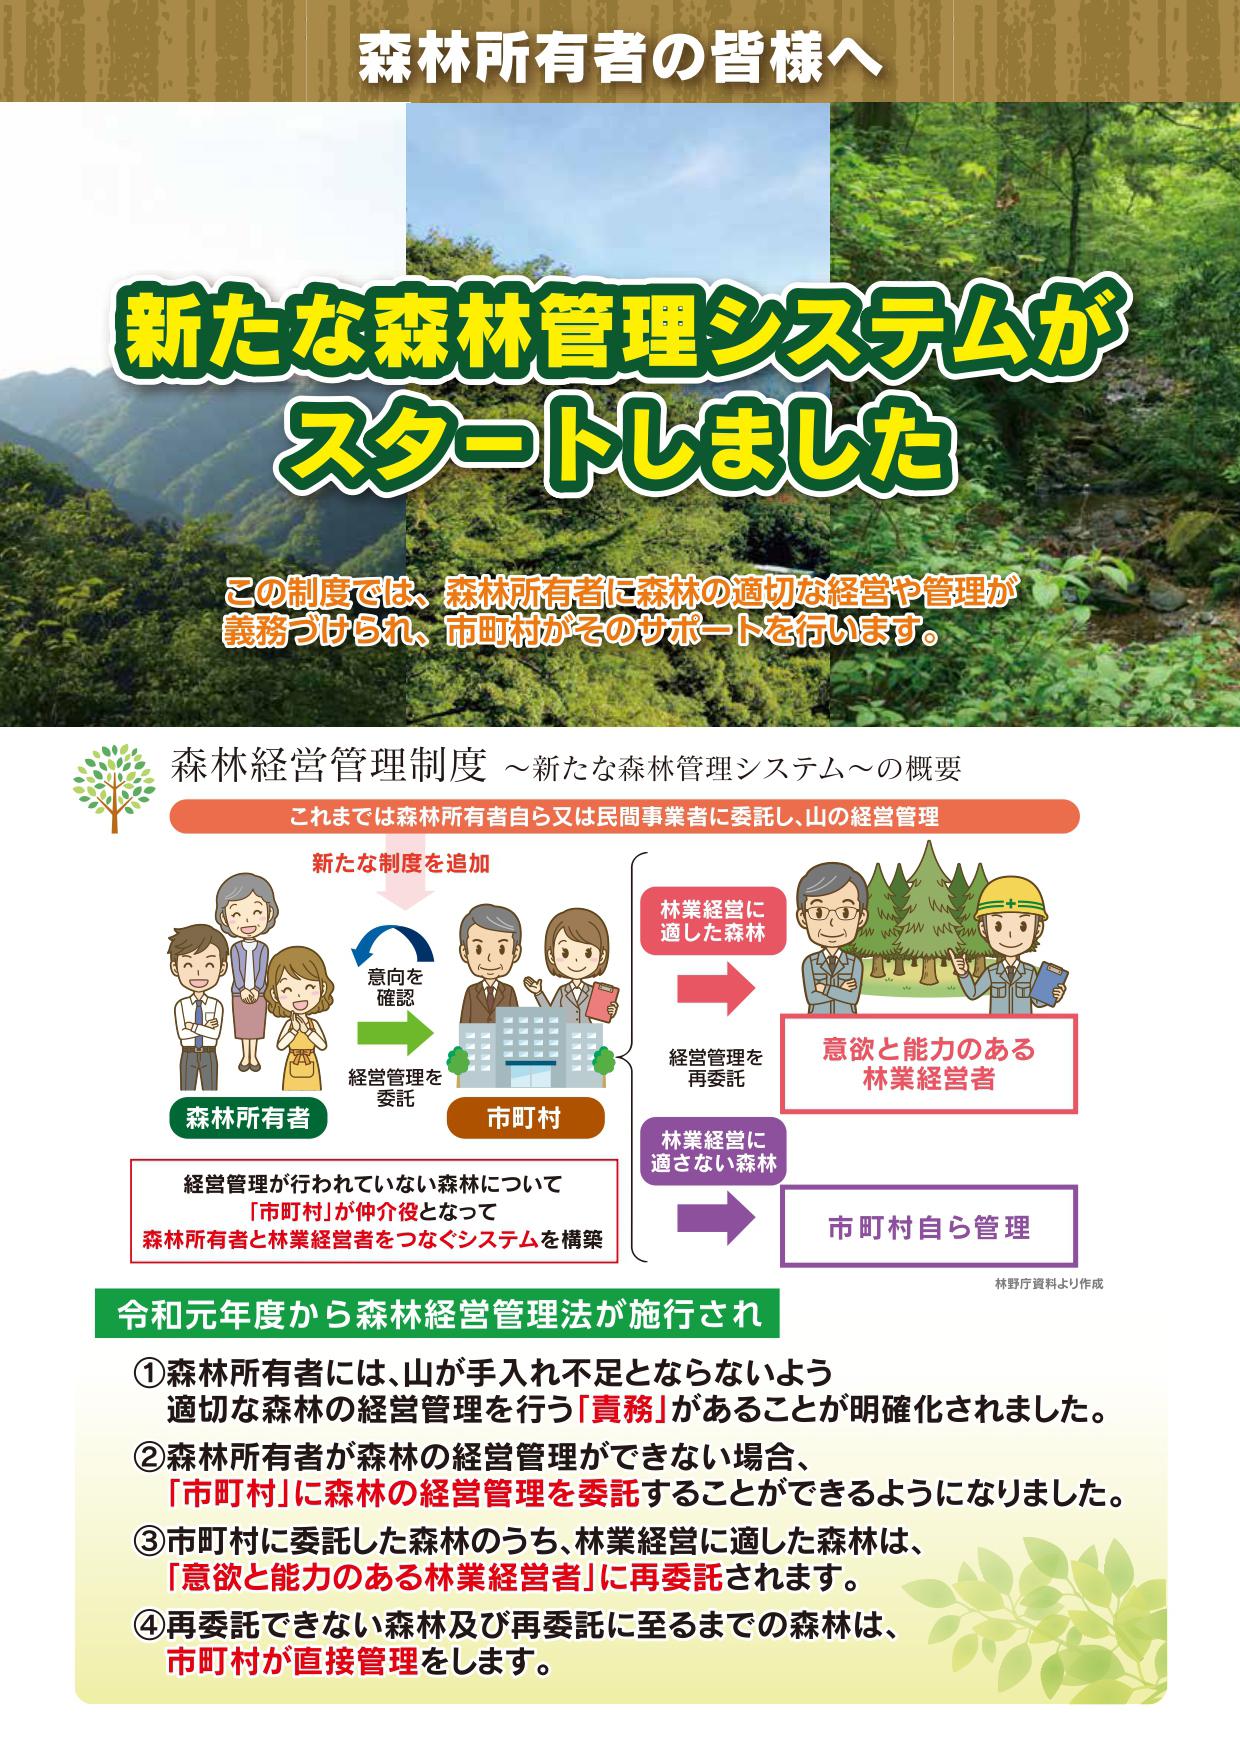 森林経営管理制度のパンフレット